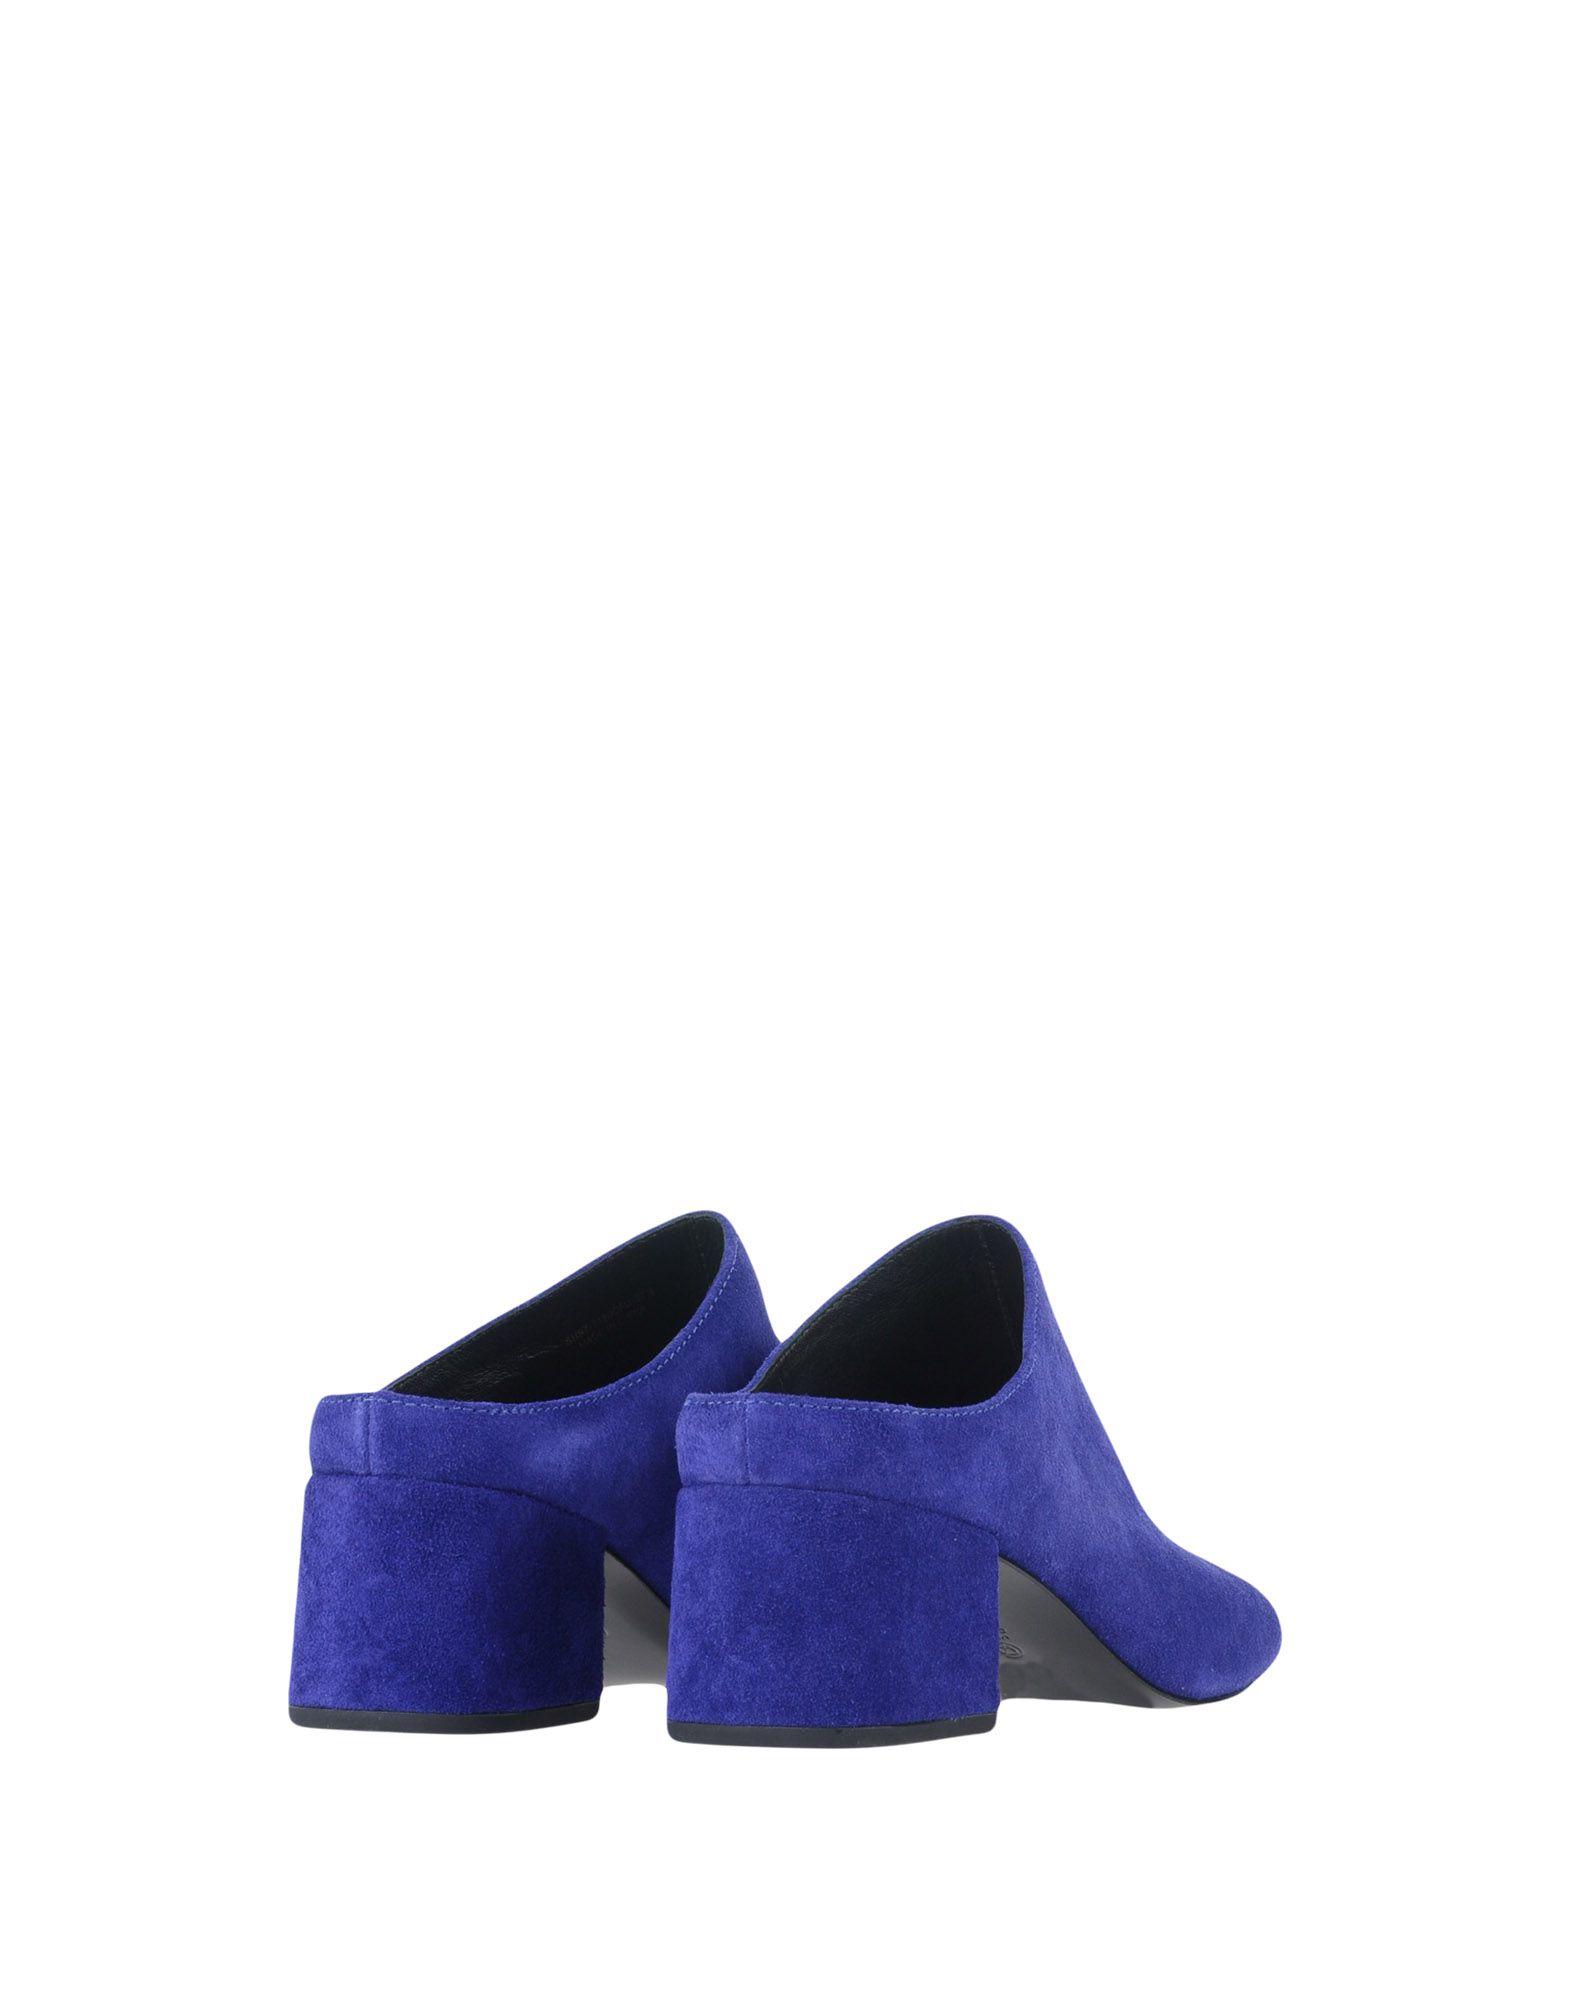 Stilvolle billige Sandalen Schuhe 3.1 Phillip Lim Sandalen billige Damen  11439628CX ed8ad6